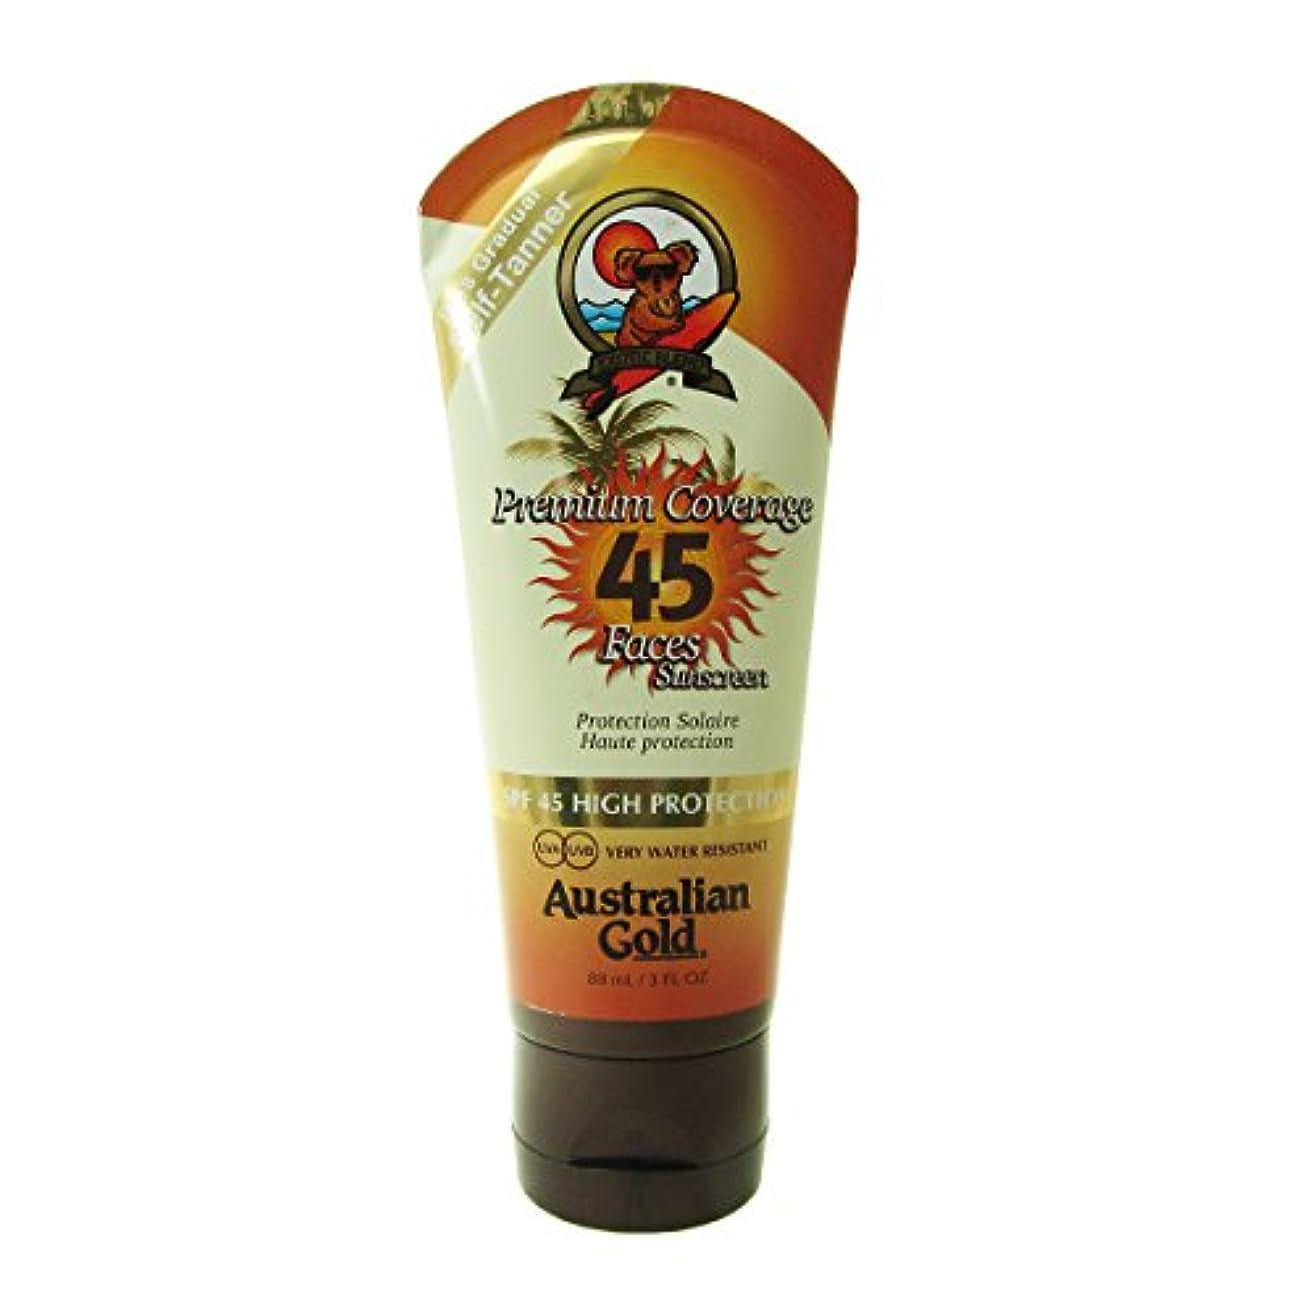 に対応する動物仮定するAustralian Gold Sunscreen Spf 45 With Self-tanner 88ml [並行輸入品]